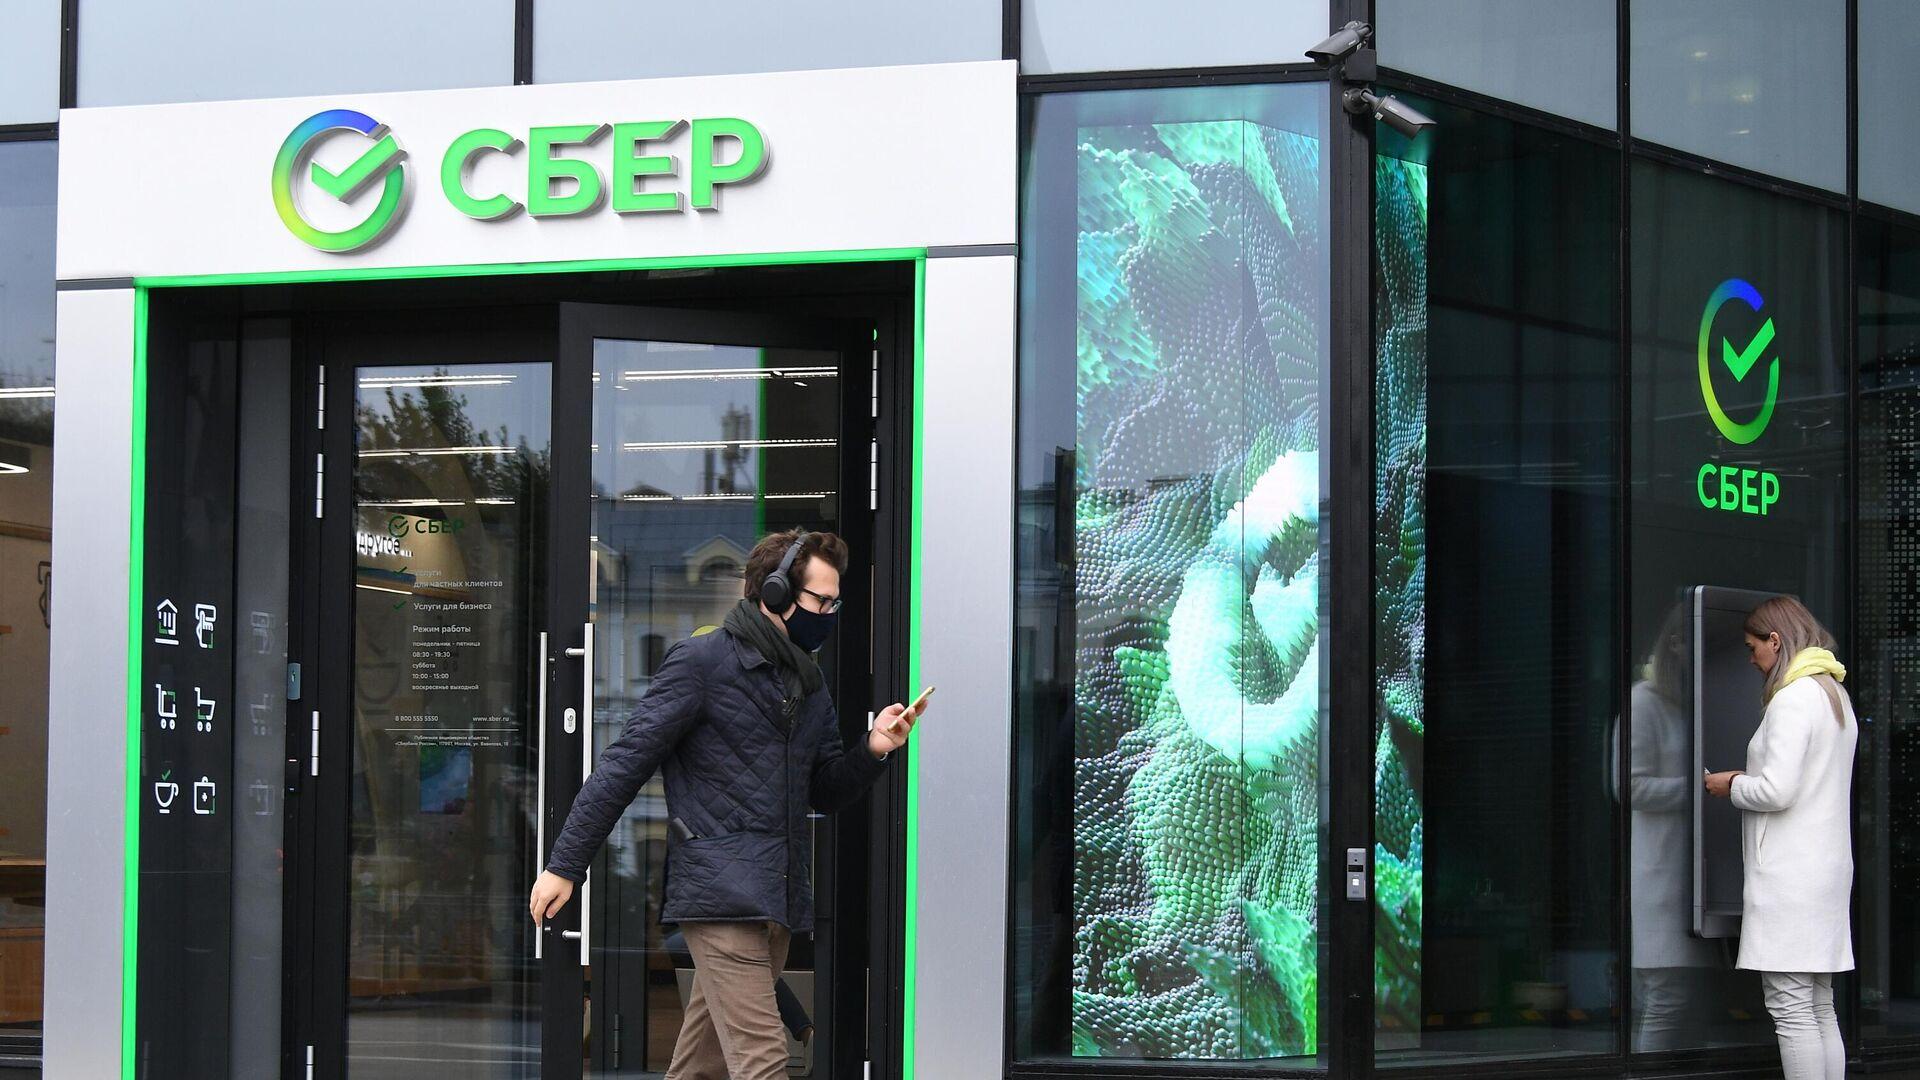 Первый офис Сбербанка в новом формате, открывшийся на Цветном бульваре в Москве - РИА Новости, 1920, 20.10.2020